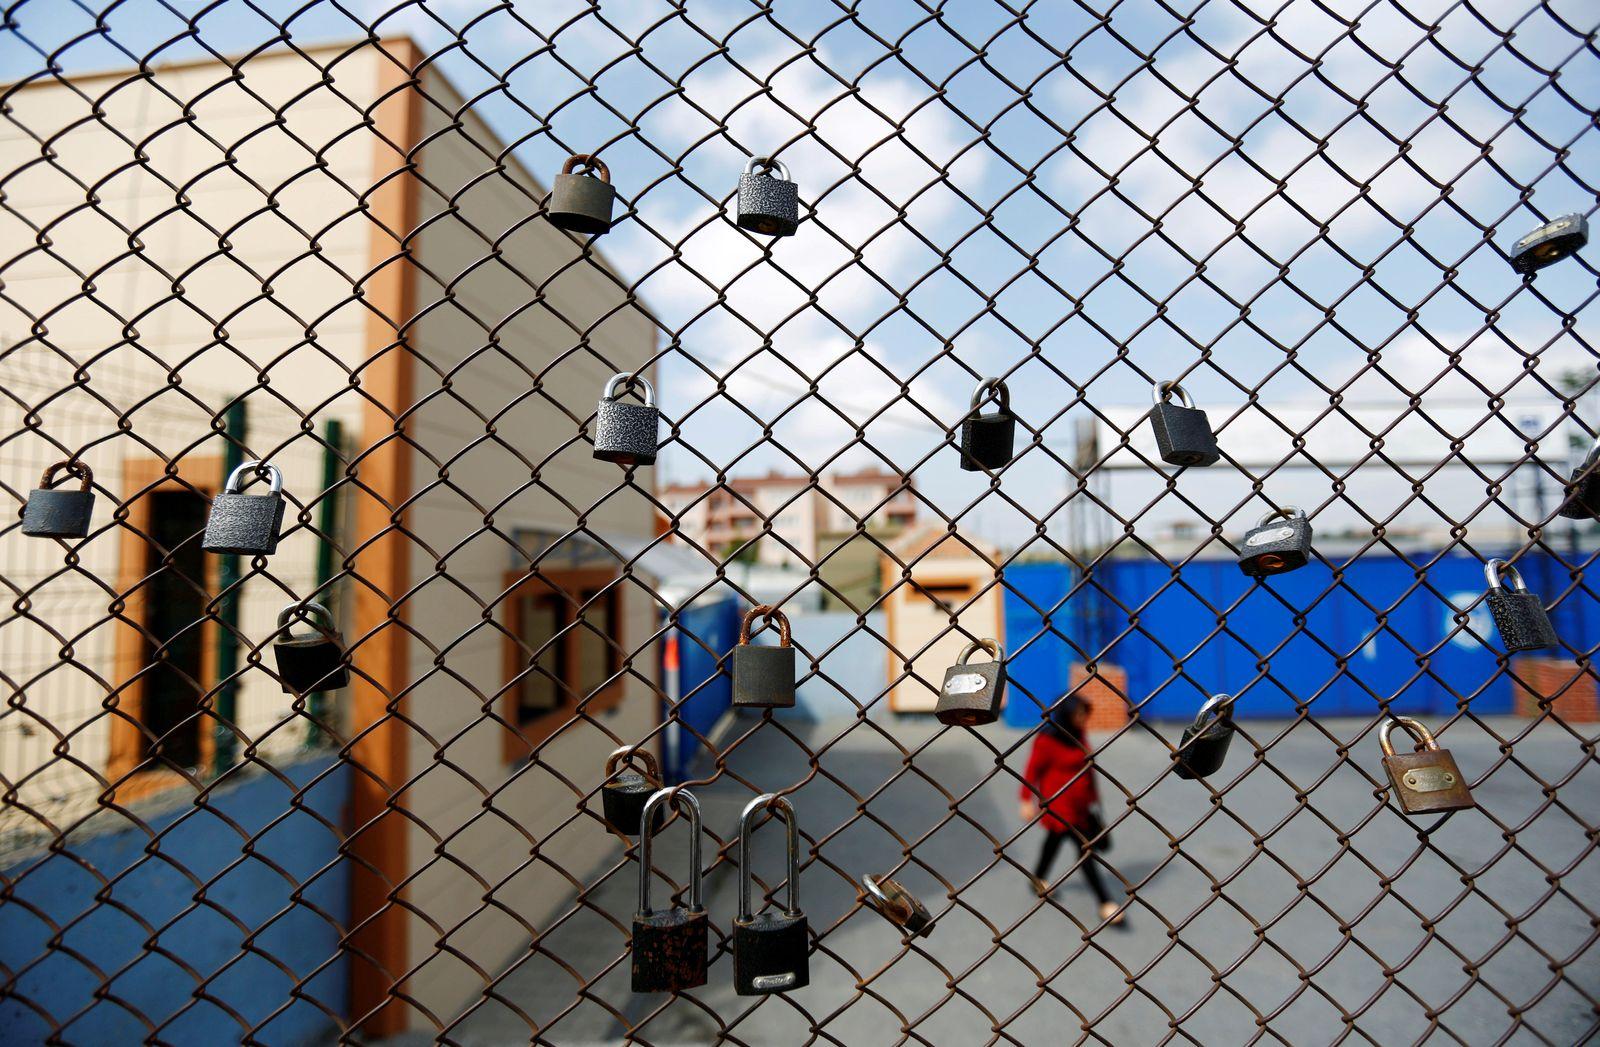 Türkei Gefängnis/ Türkei / Demonstration / Metris Gefängnis